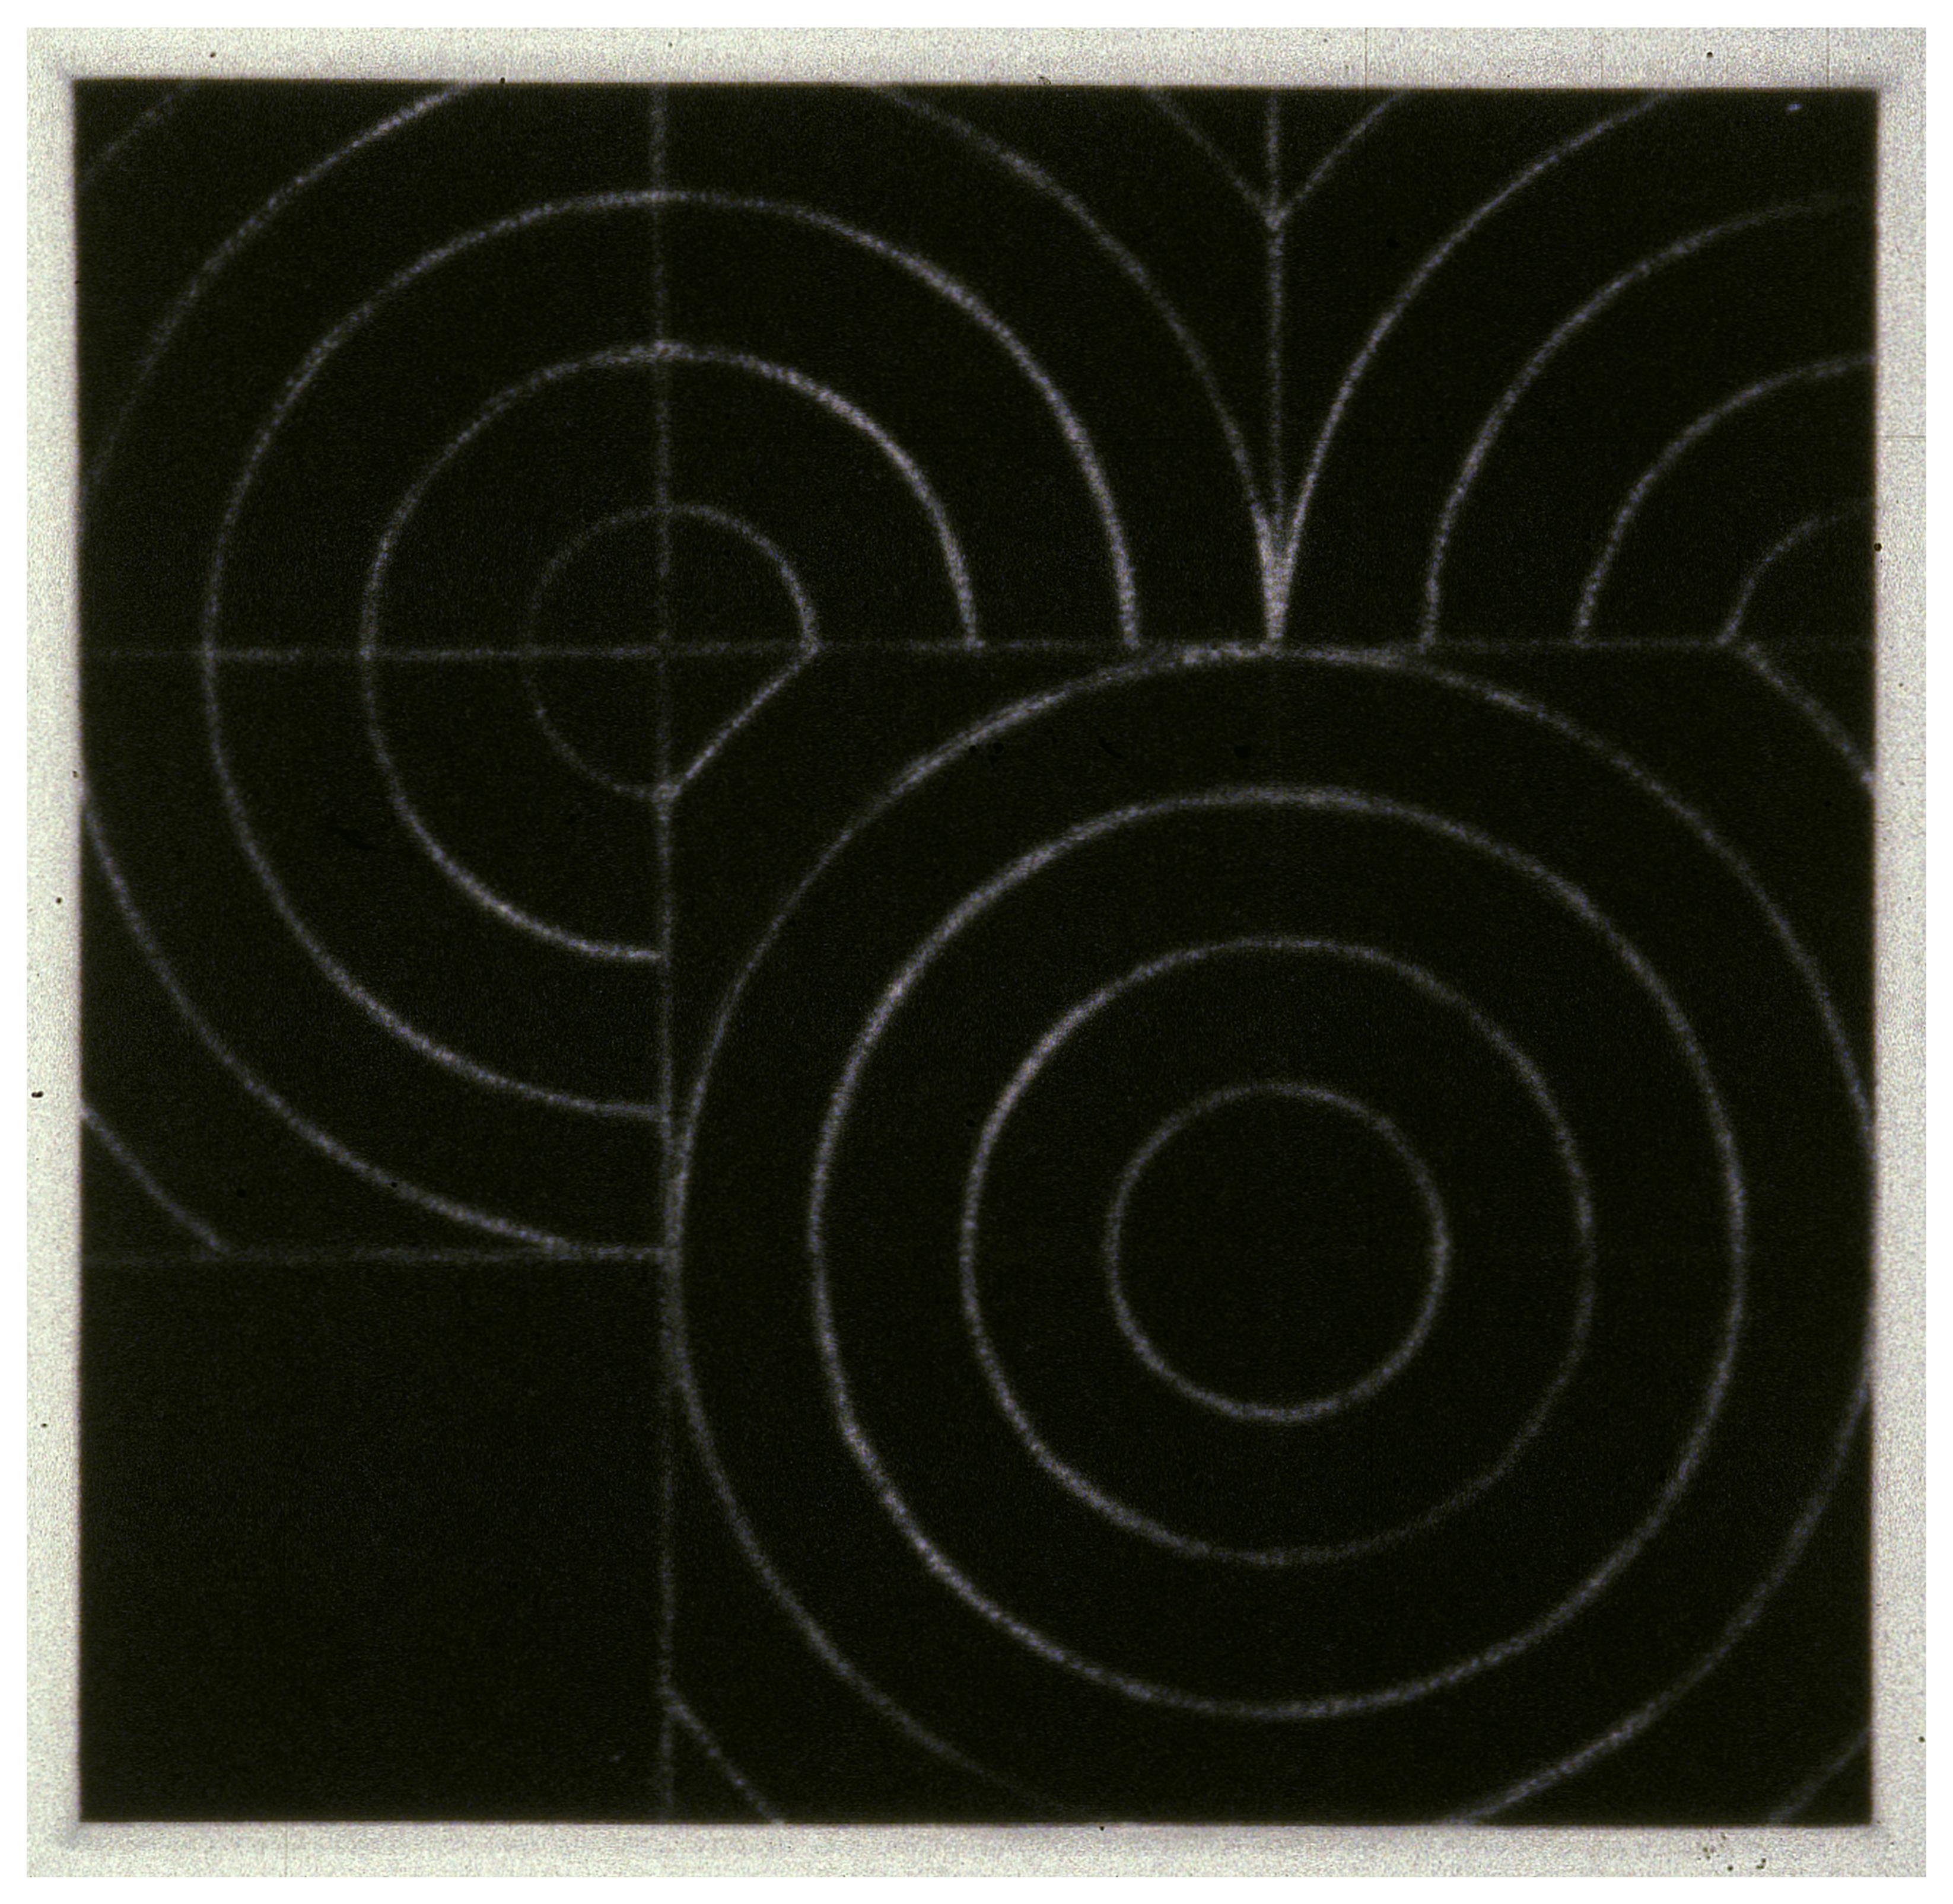 Untitled 1978 - mezzotint